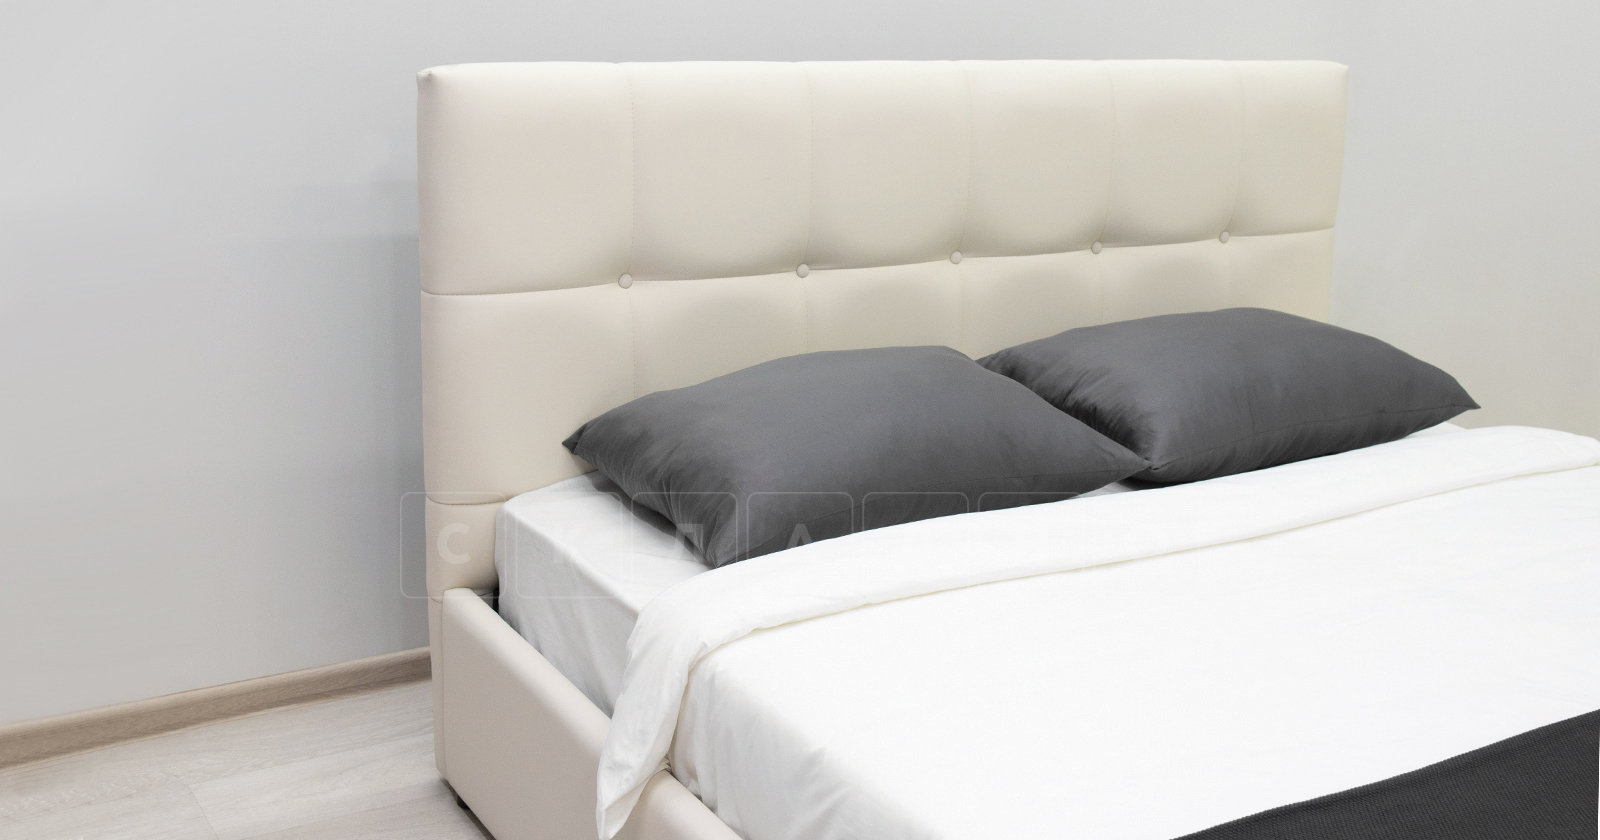 Мягкая кровать Хлоя 160 см сливочный с подъемным механизмом фото 7   интернет-магазин Складно